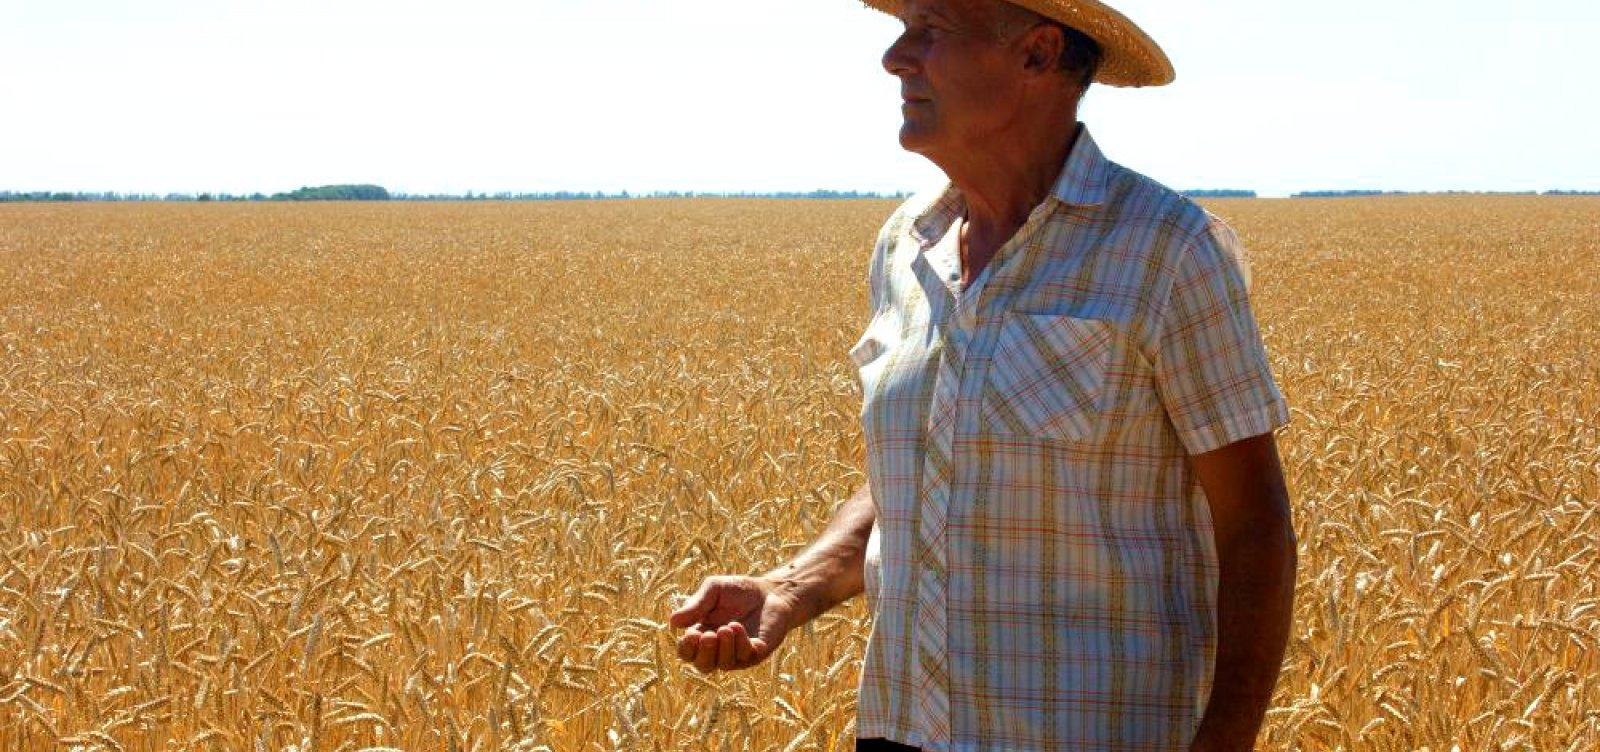 [Ipea: número de aposentadorias rurais é maior que população declarada]